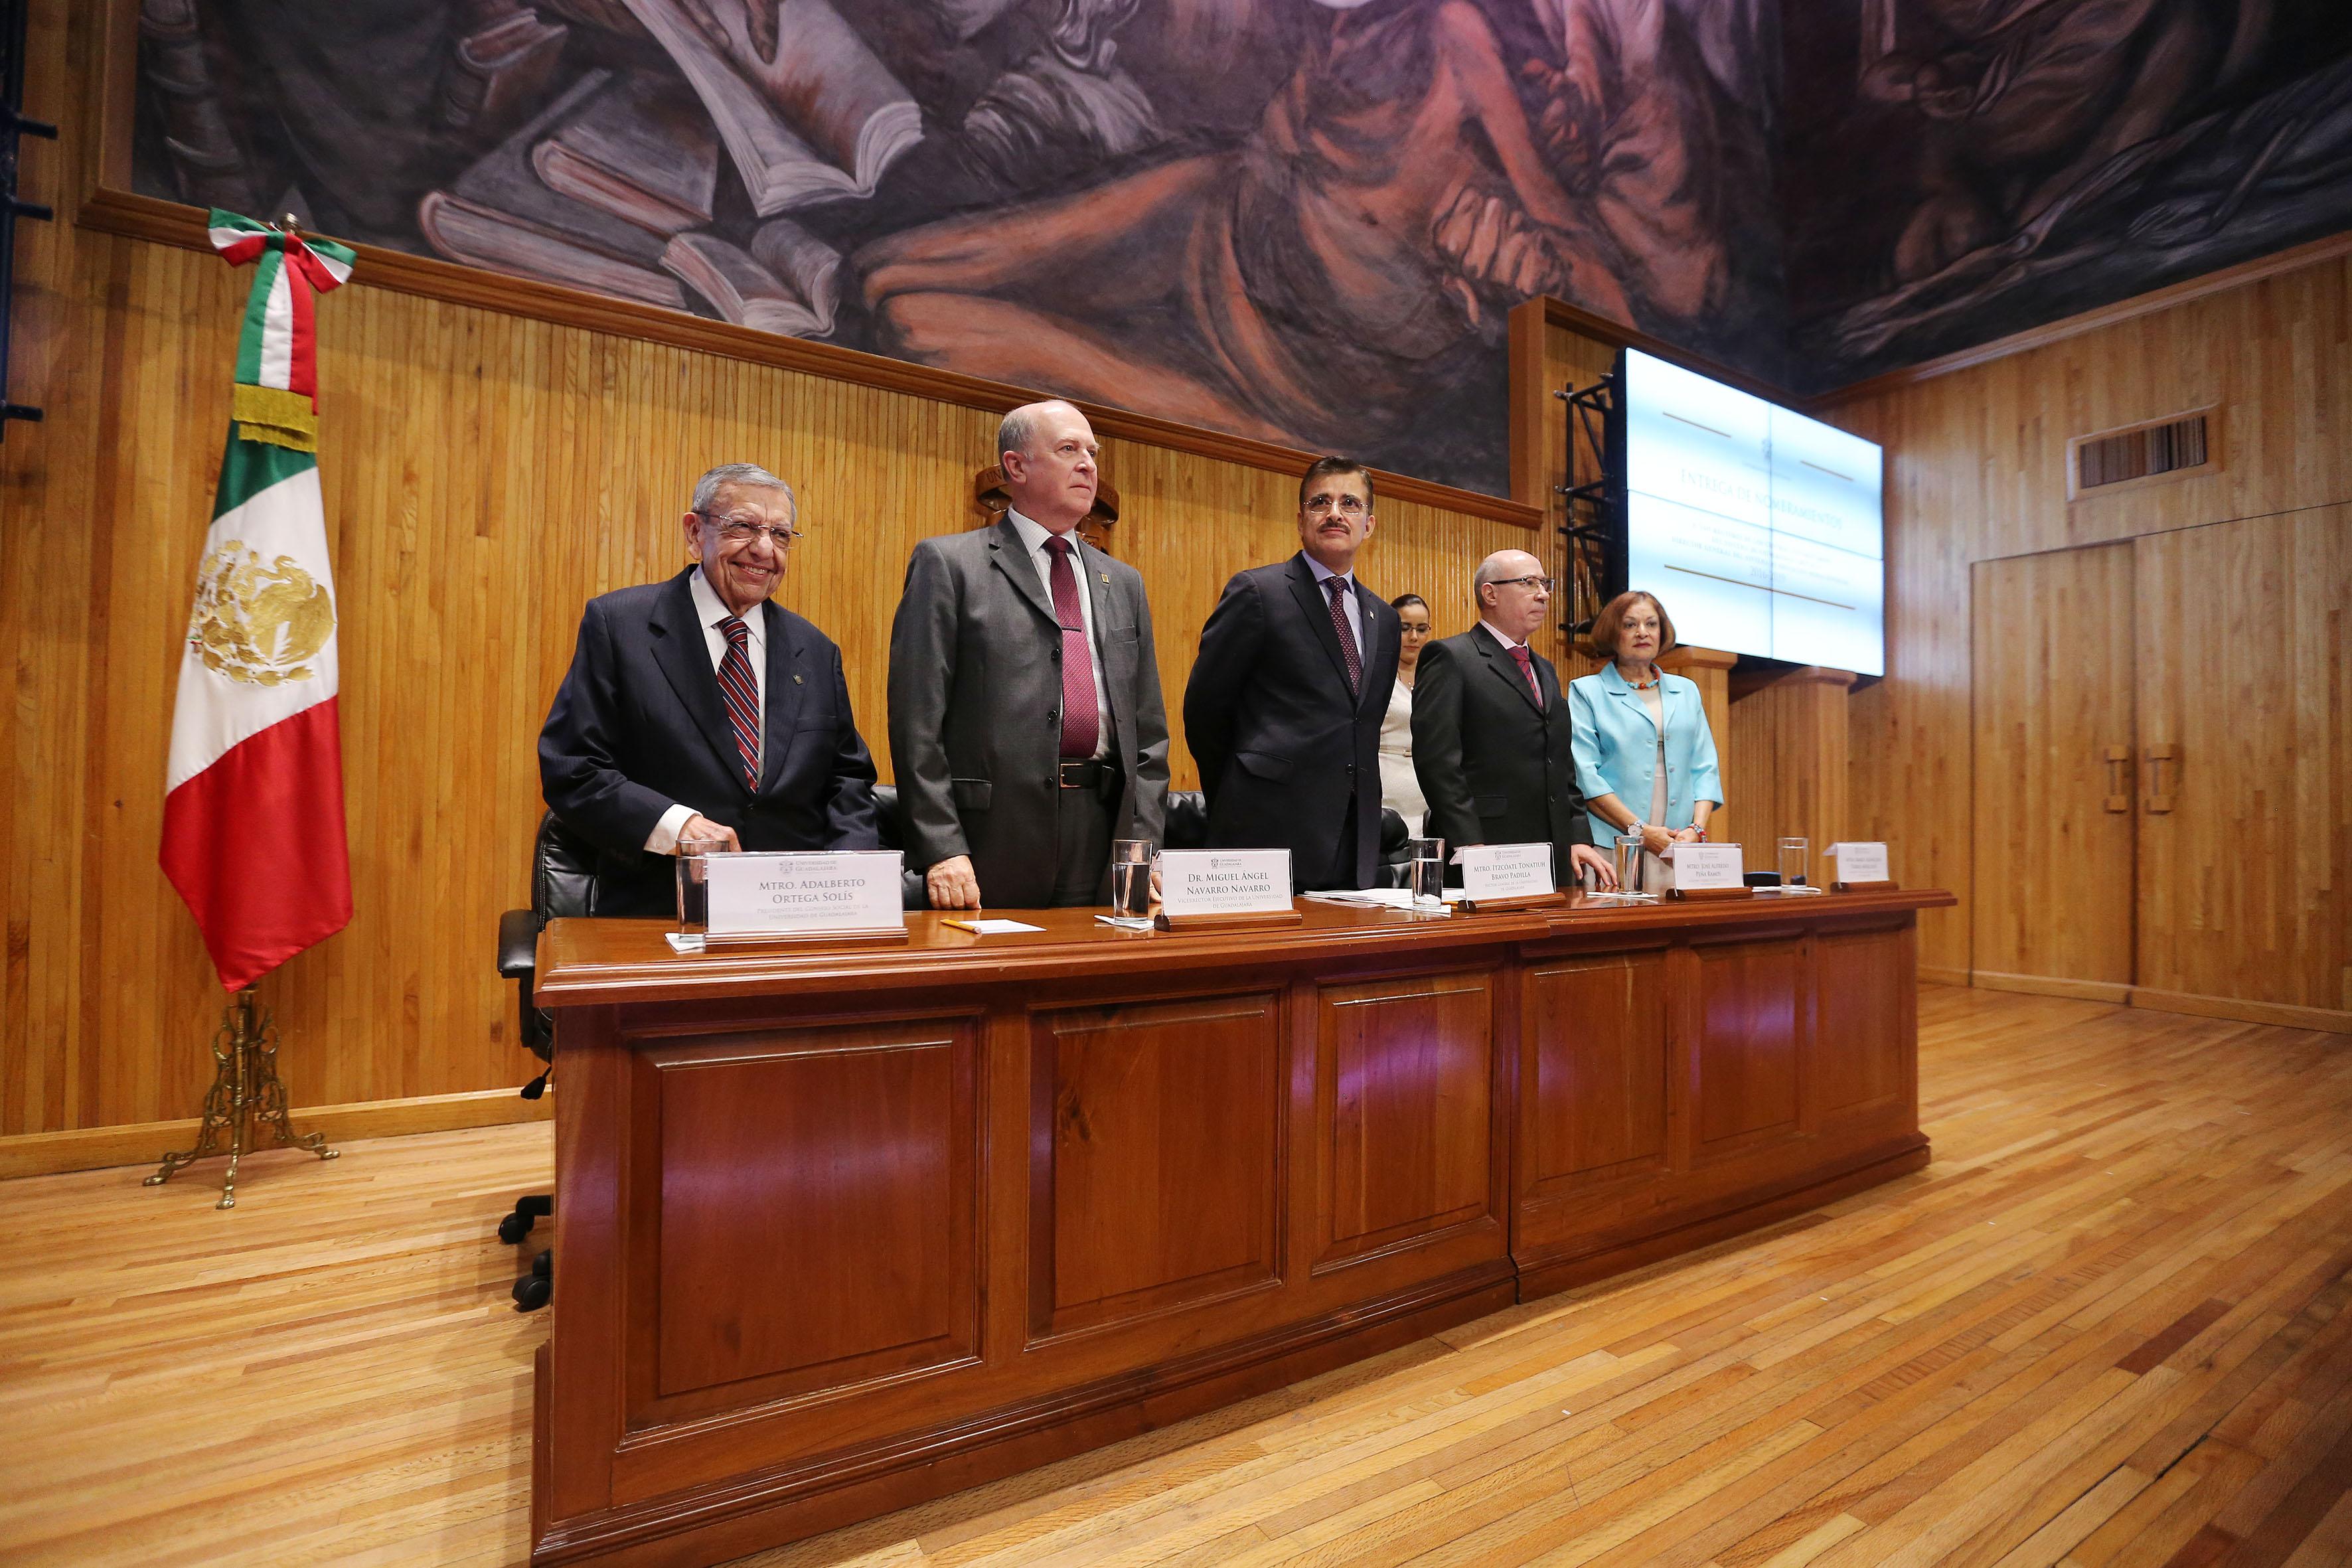 Máximas autoridades universitarias de la UdeG, de pie, durante ceremonia de entrega de nombramientos de Rectores de centros universitarios y directores del SEMS y SUV.